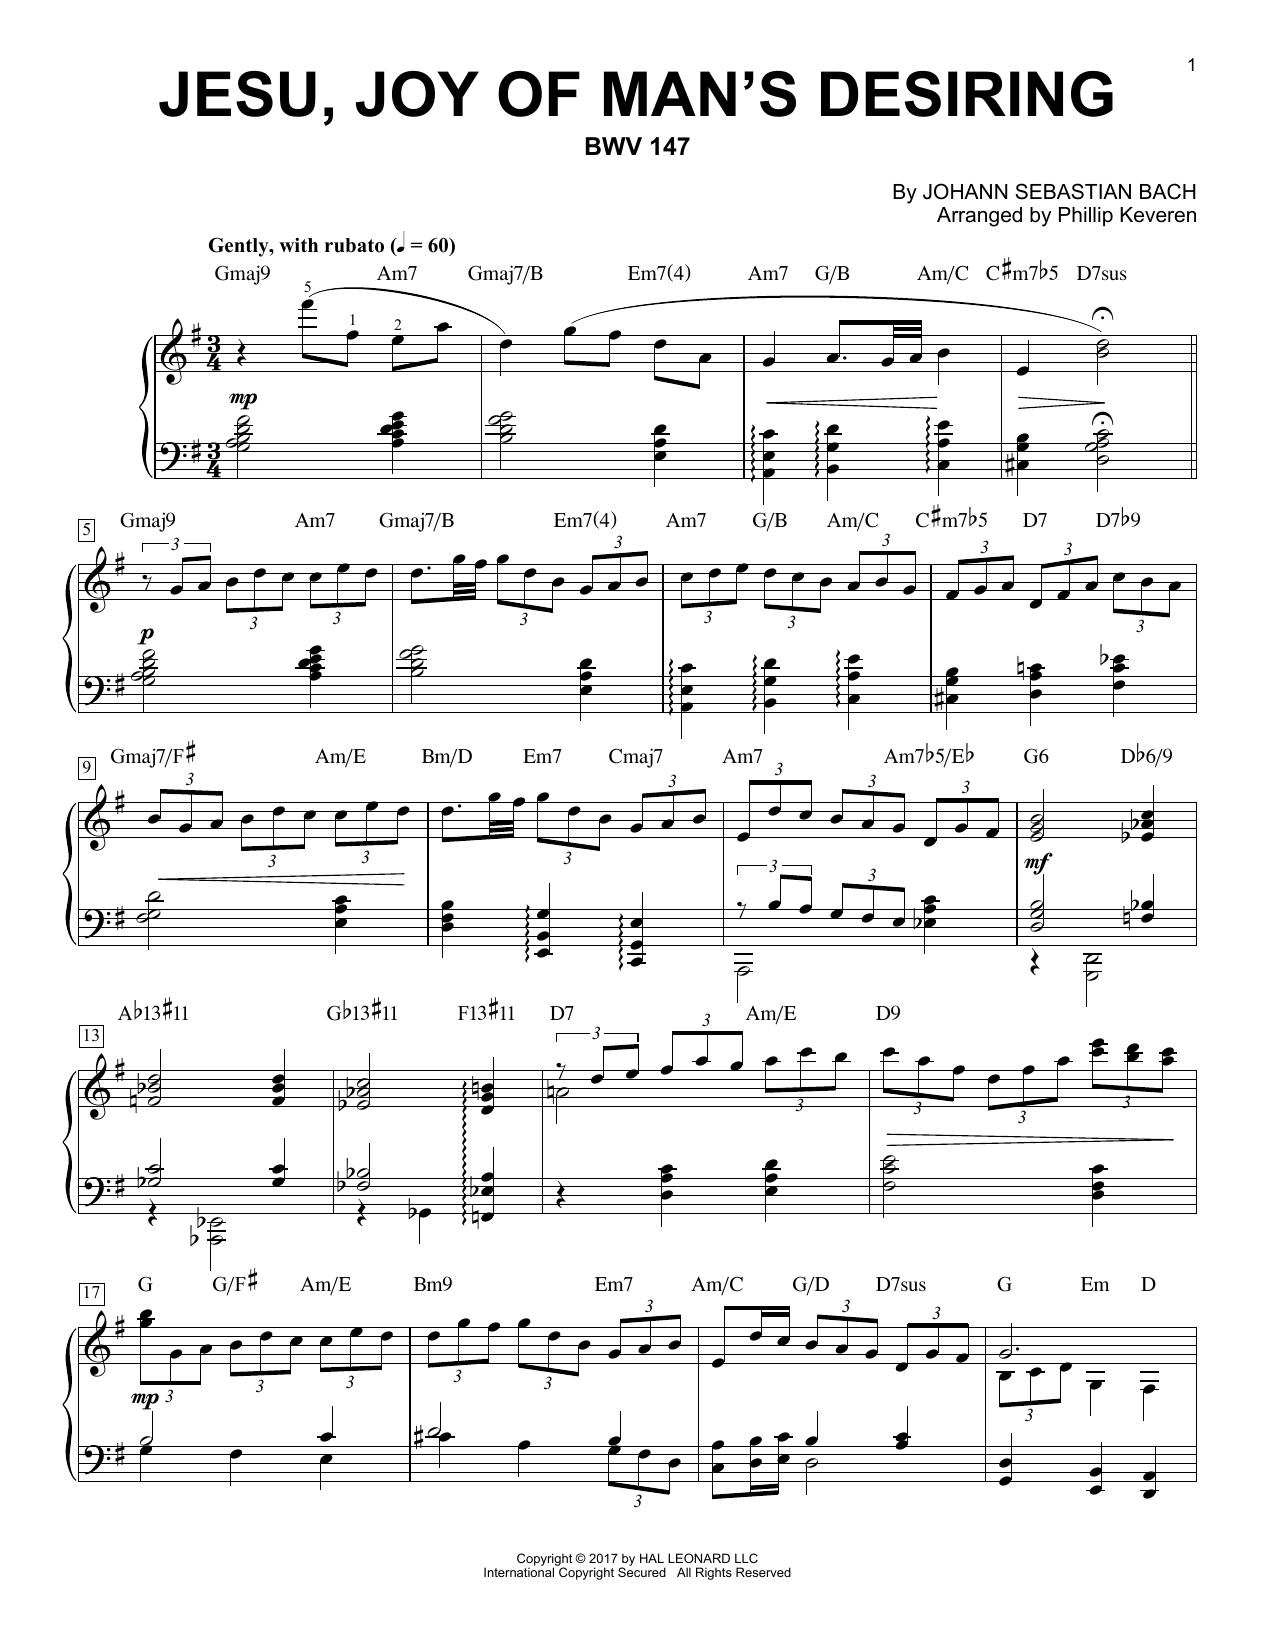 Phillip Keveren Jesu, Joy Of Man's Desiring, BWV 147 sheet music notes and chords